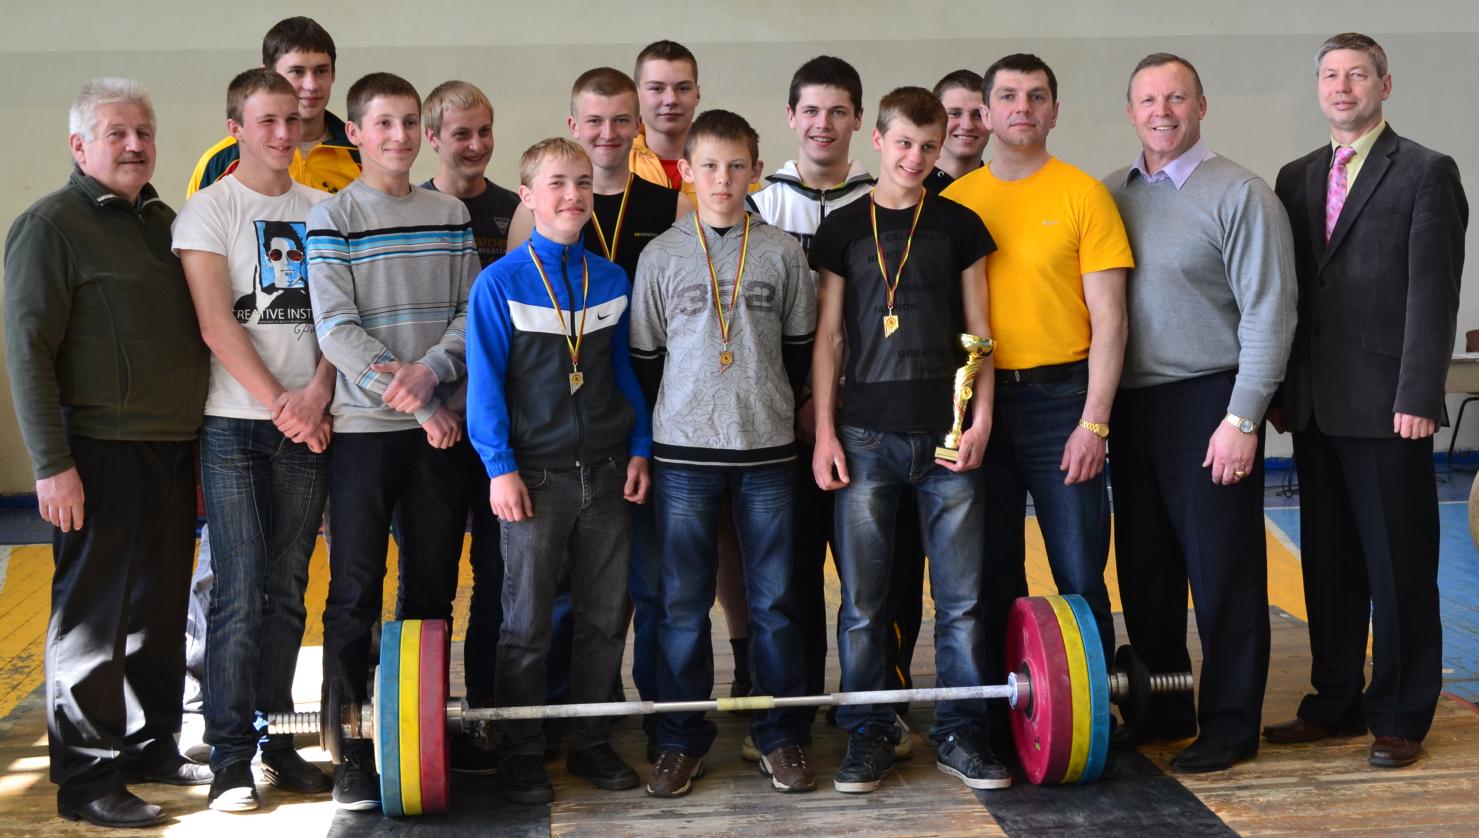 Klaipėdietis Andrius UŽKURAITIS tapo jaunių absoliučiu čempionu. Svajūnas ALEKSIEJUS gerino šalies rekordus